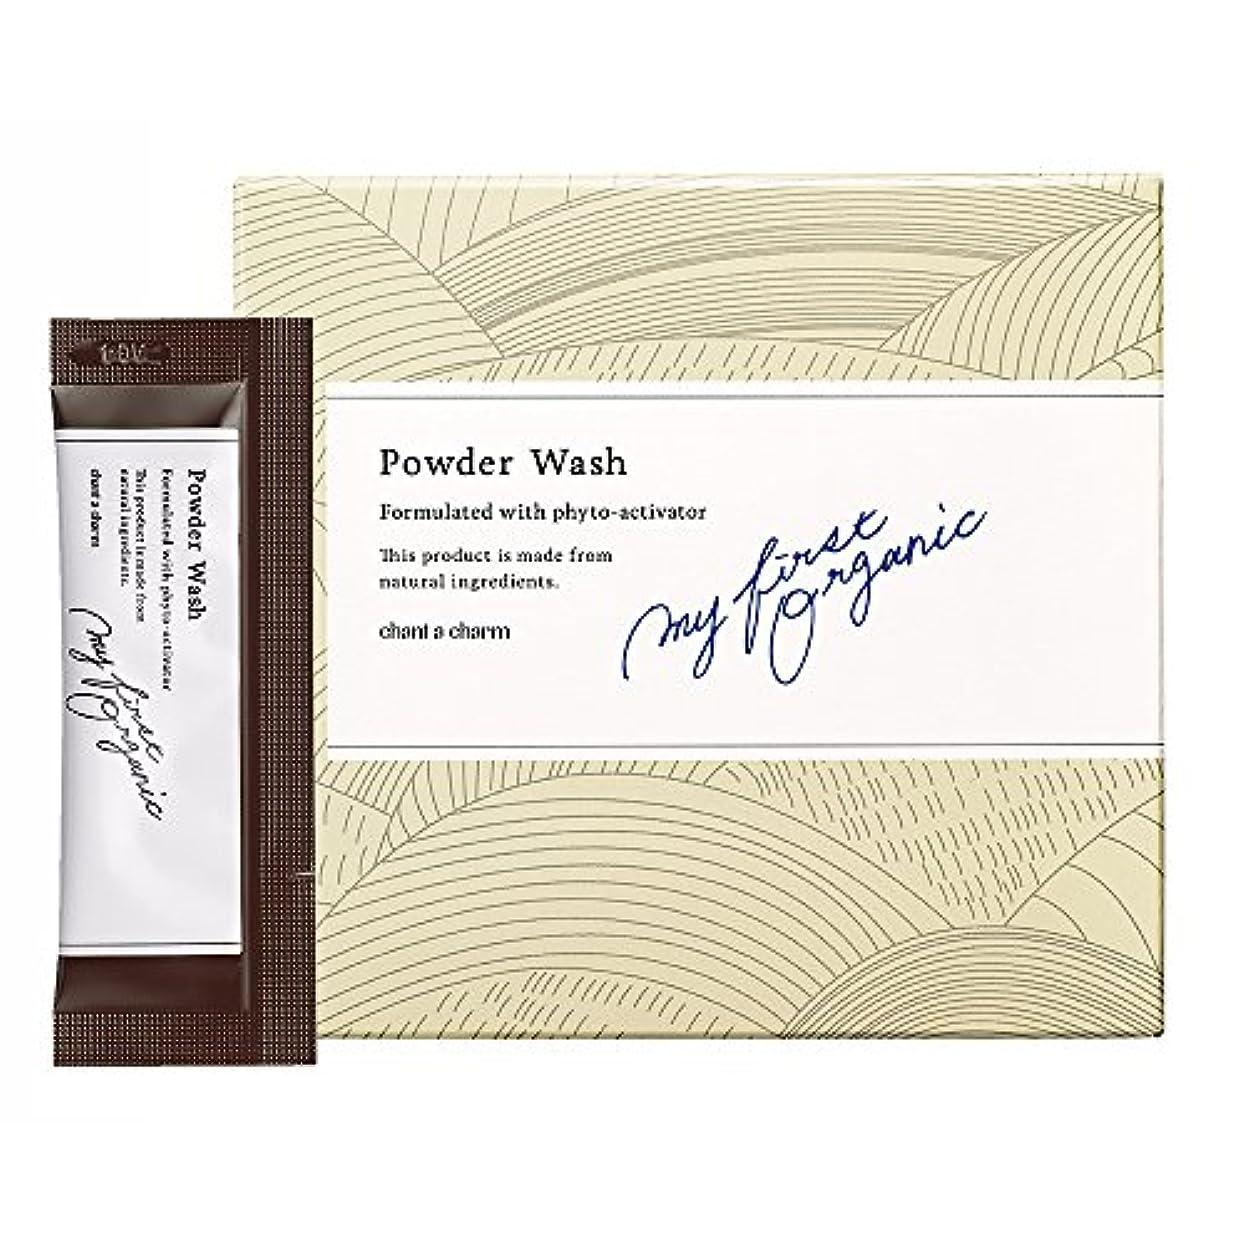 証明するアクセスパトロールチャントアチャーム パウダーウォッシュ ニキビ肌用酵素洗顔 医薬部外品